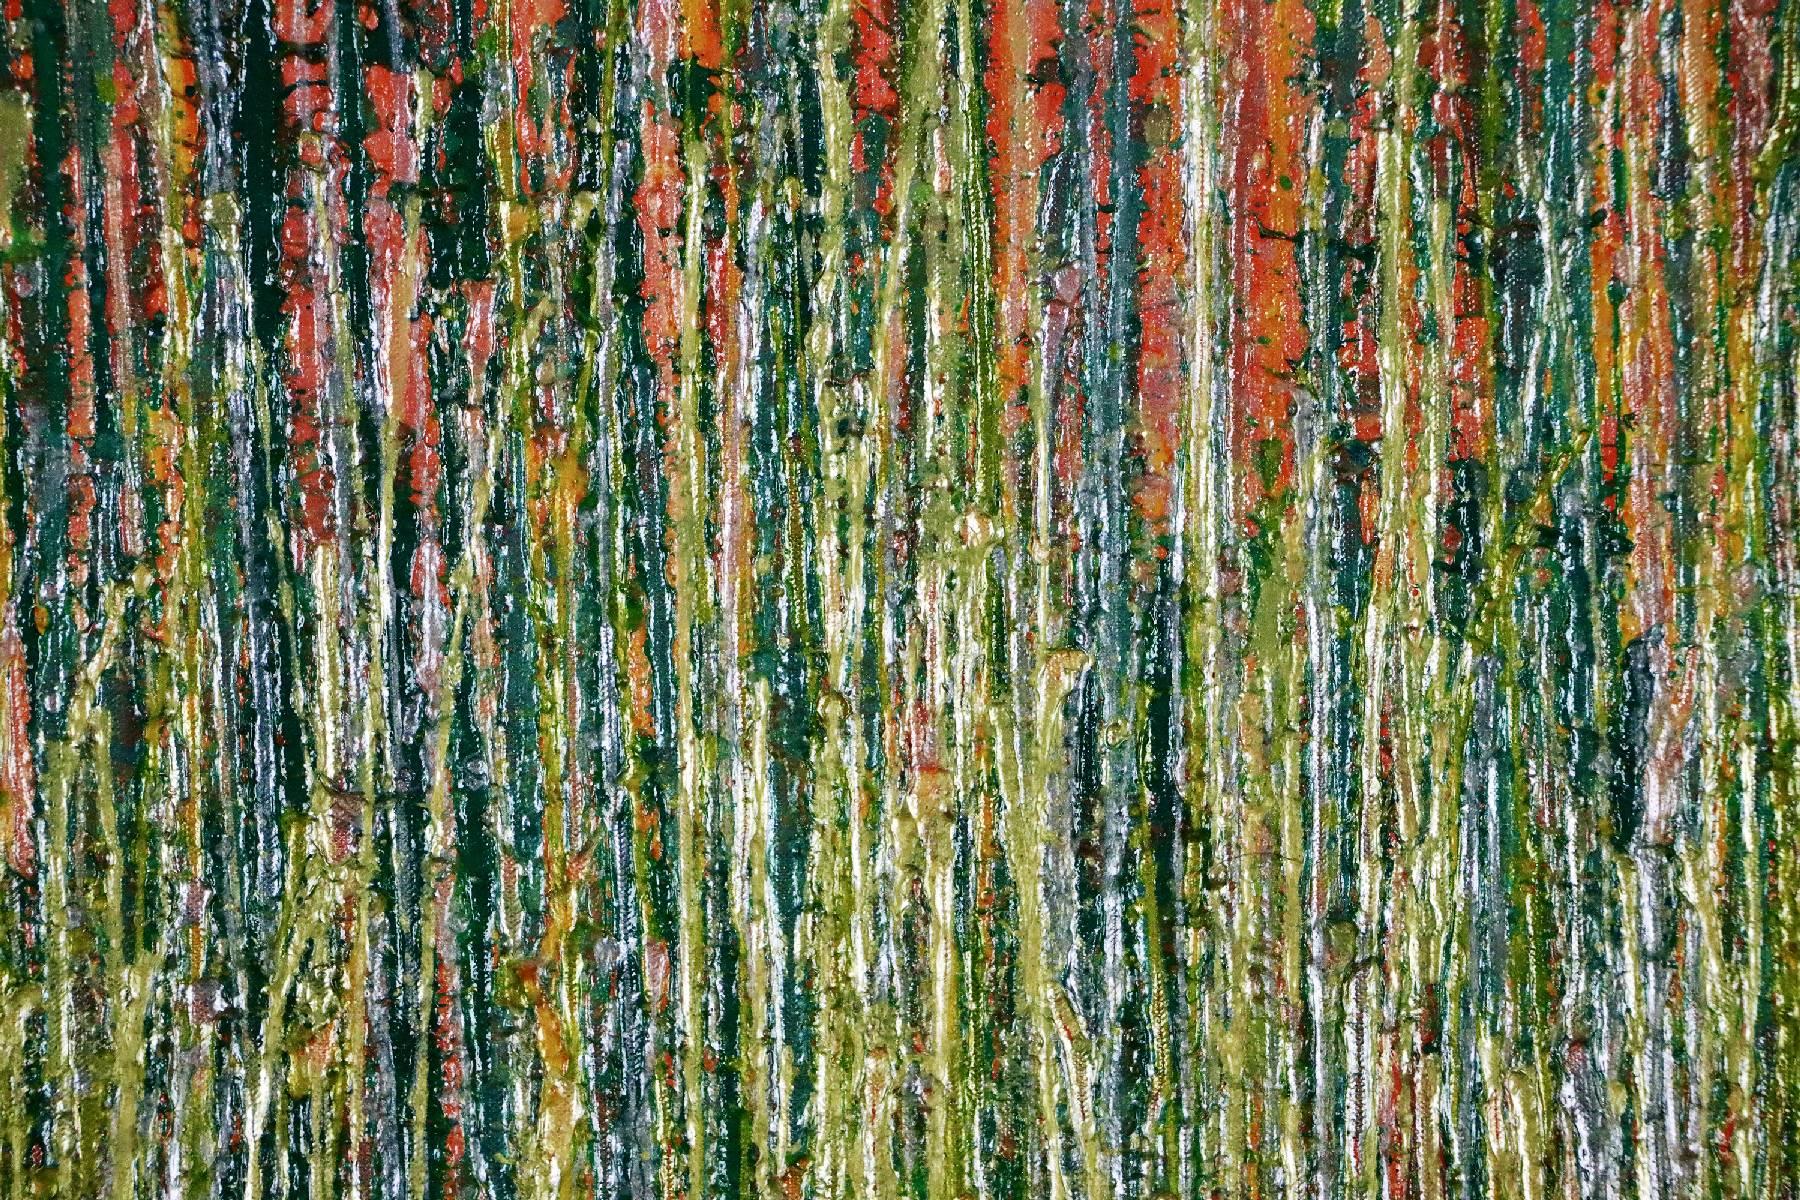 Detail - Daydream panorama (Natures imagery) 18 (2020) by Nestor Toro